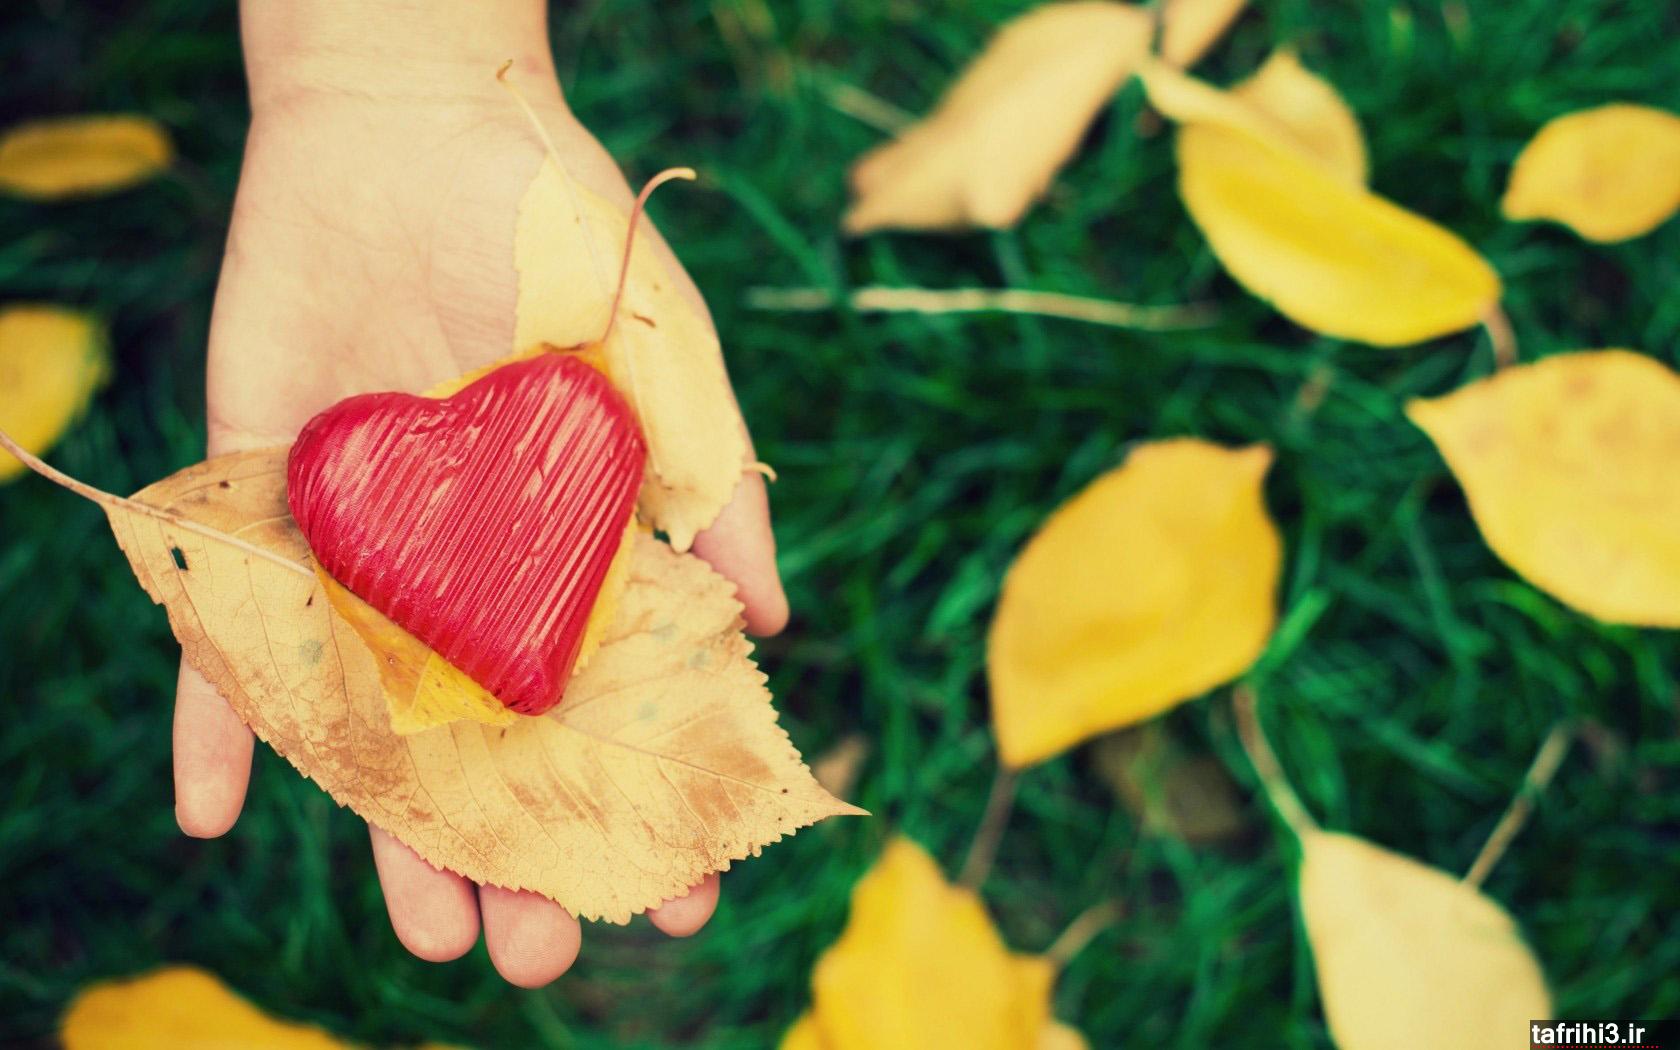 عکس های قلب عاشقانه جدید